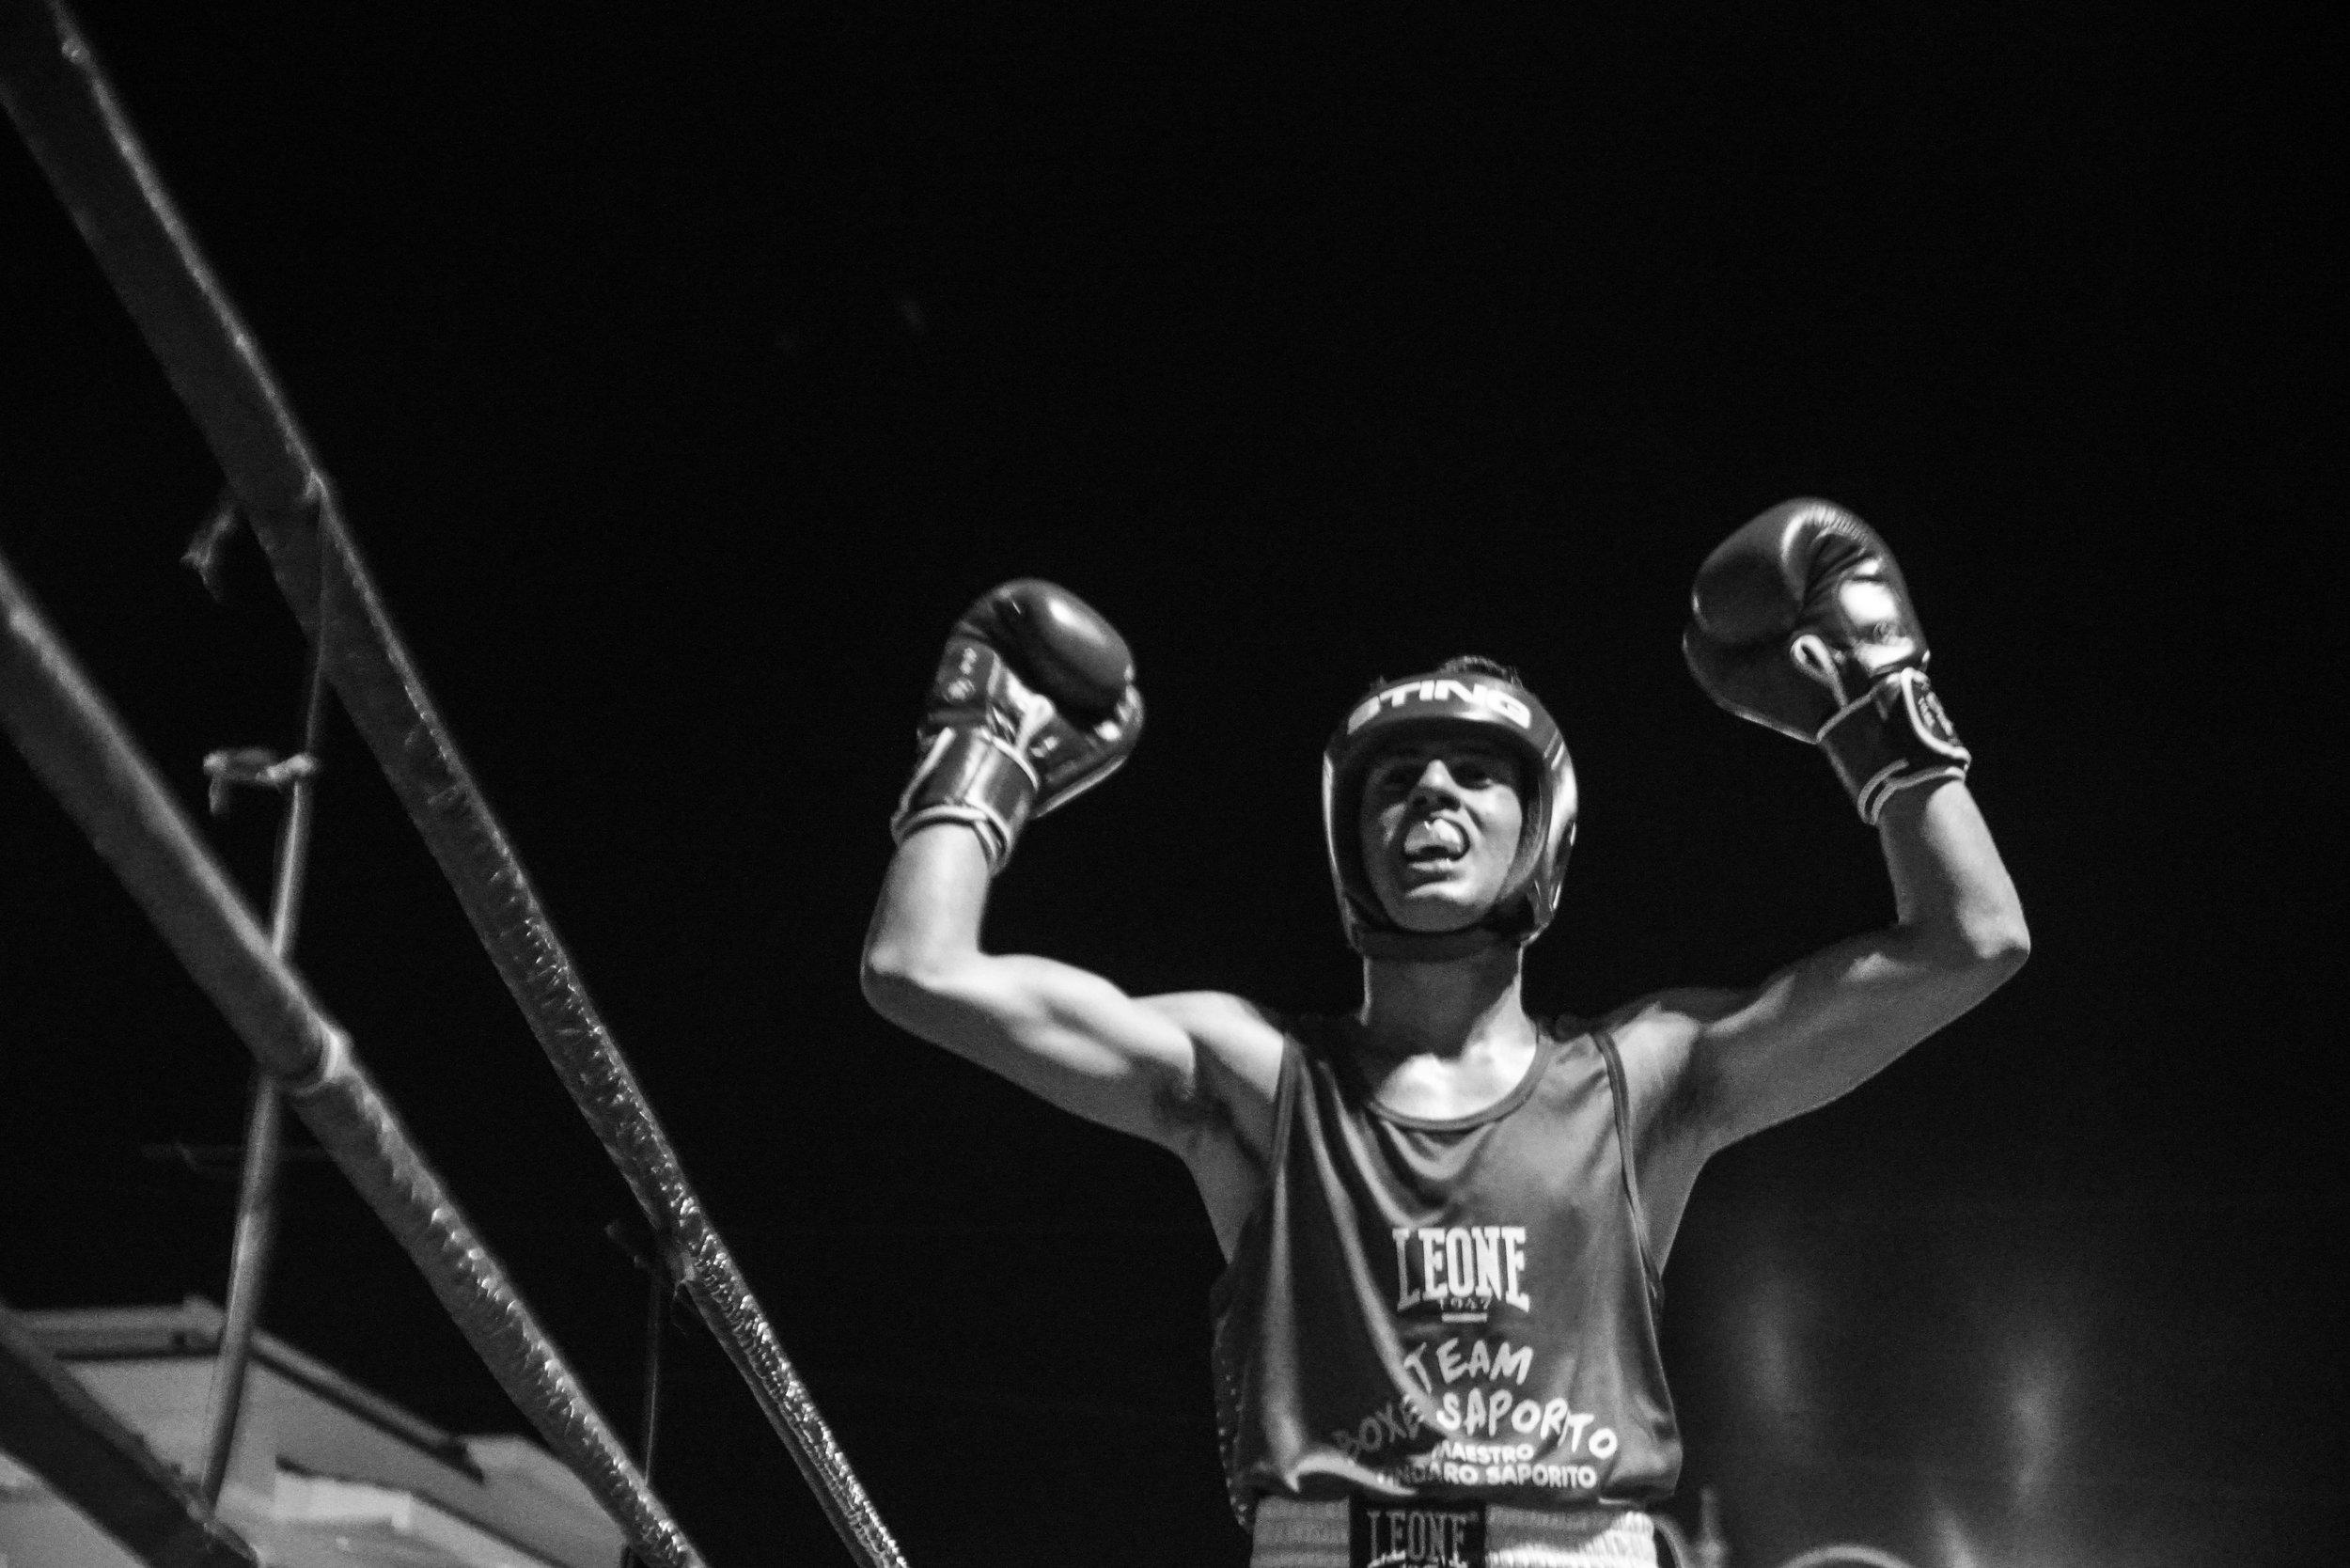 boxe saporito interregionali giugno 2019-72.jpg